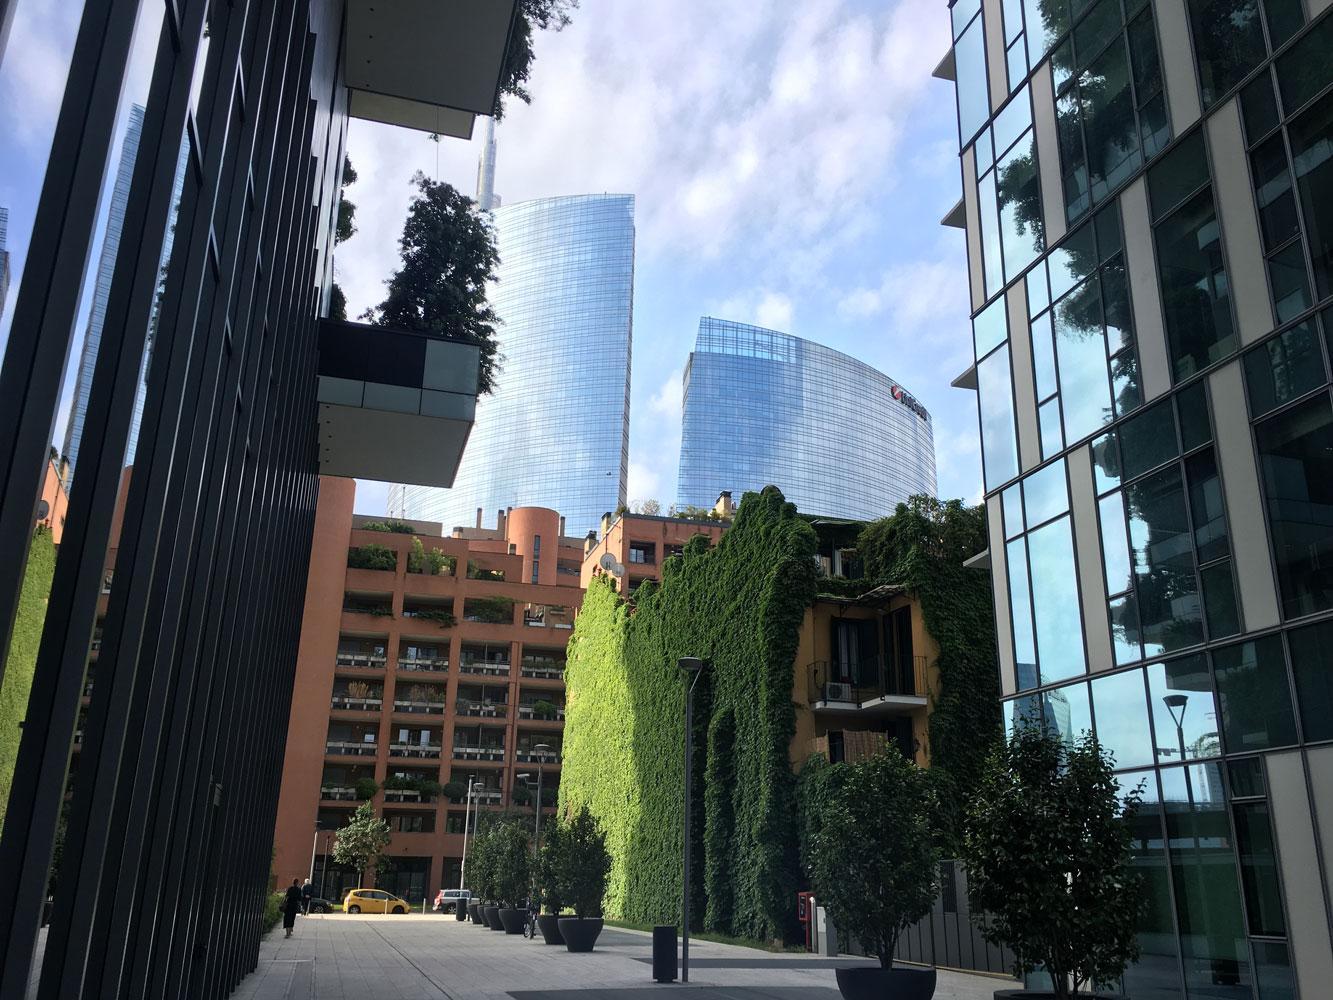 Milano-architecture9.jpg